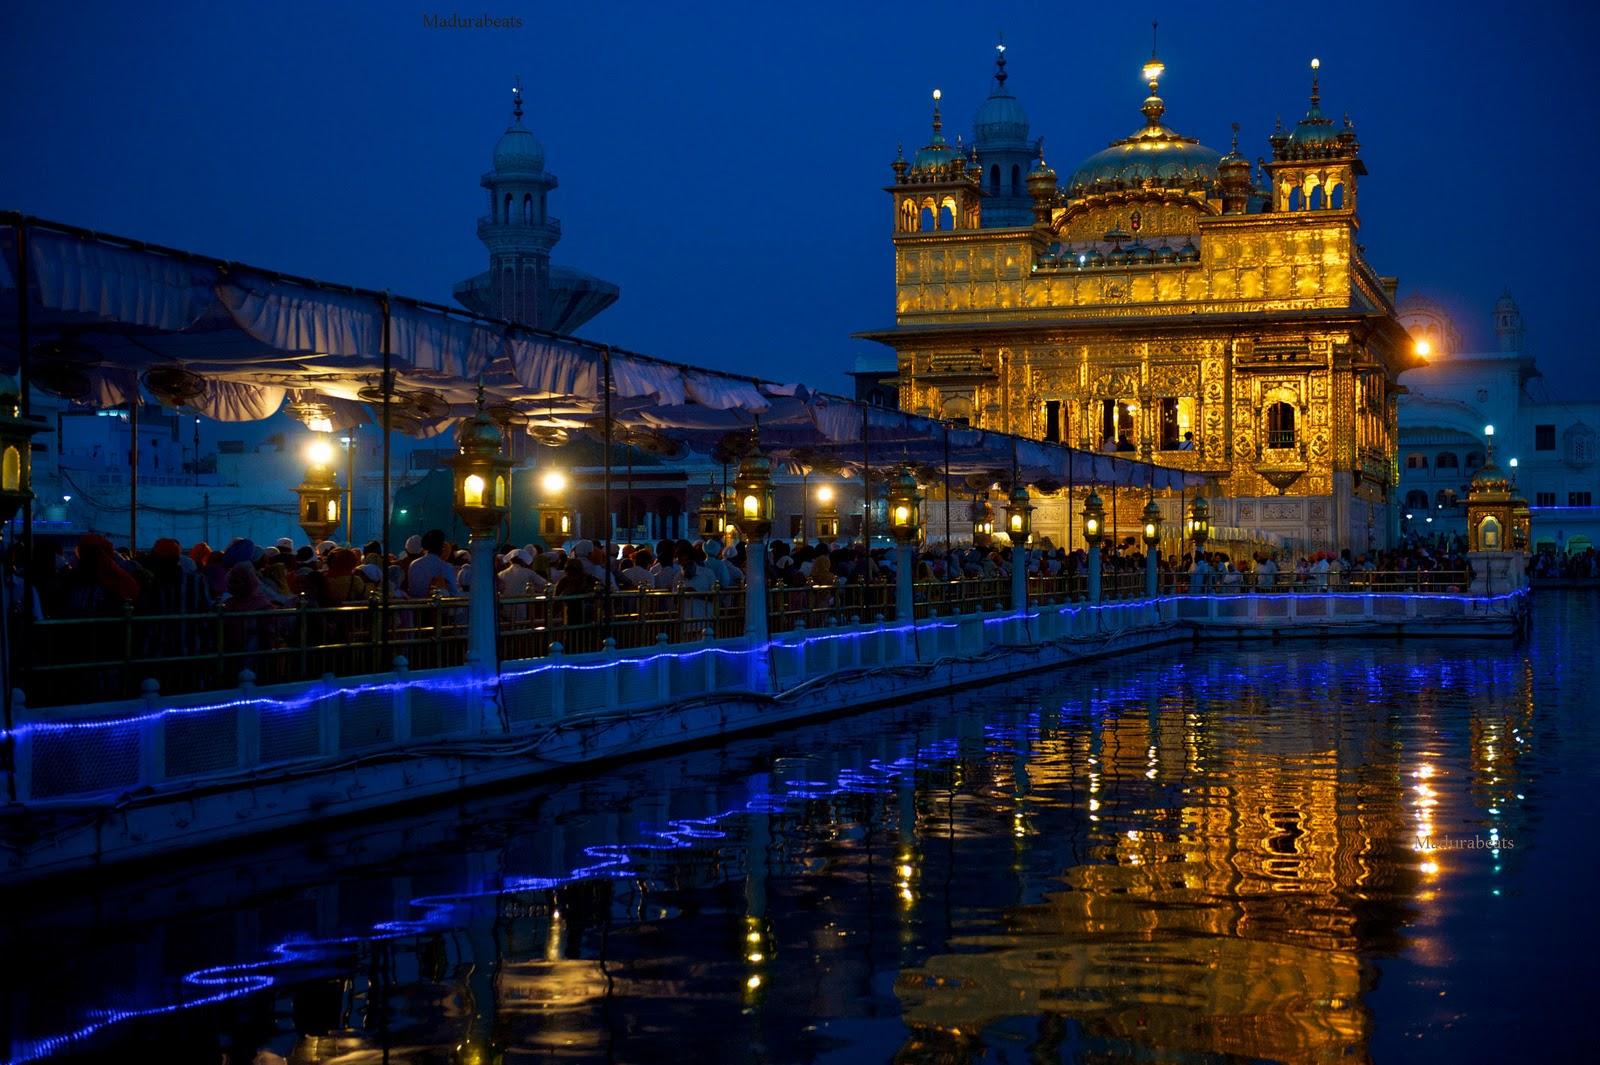 Amritsar evening